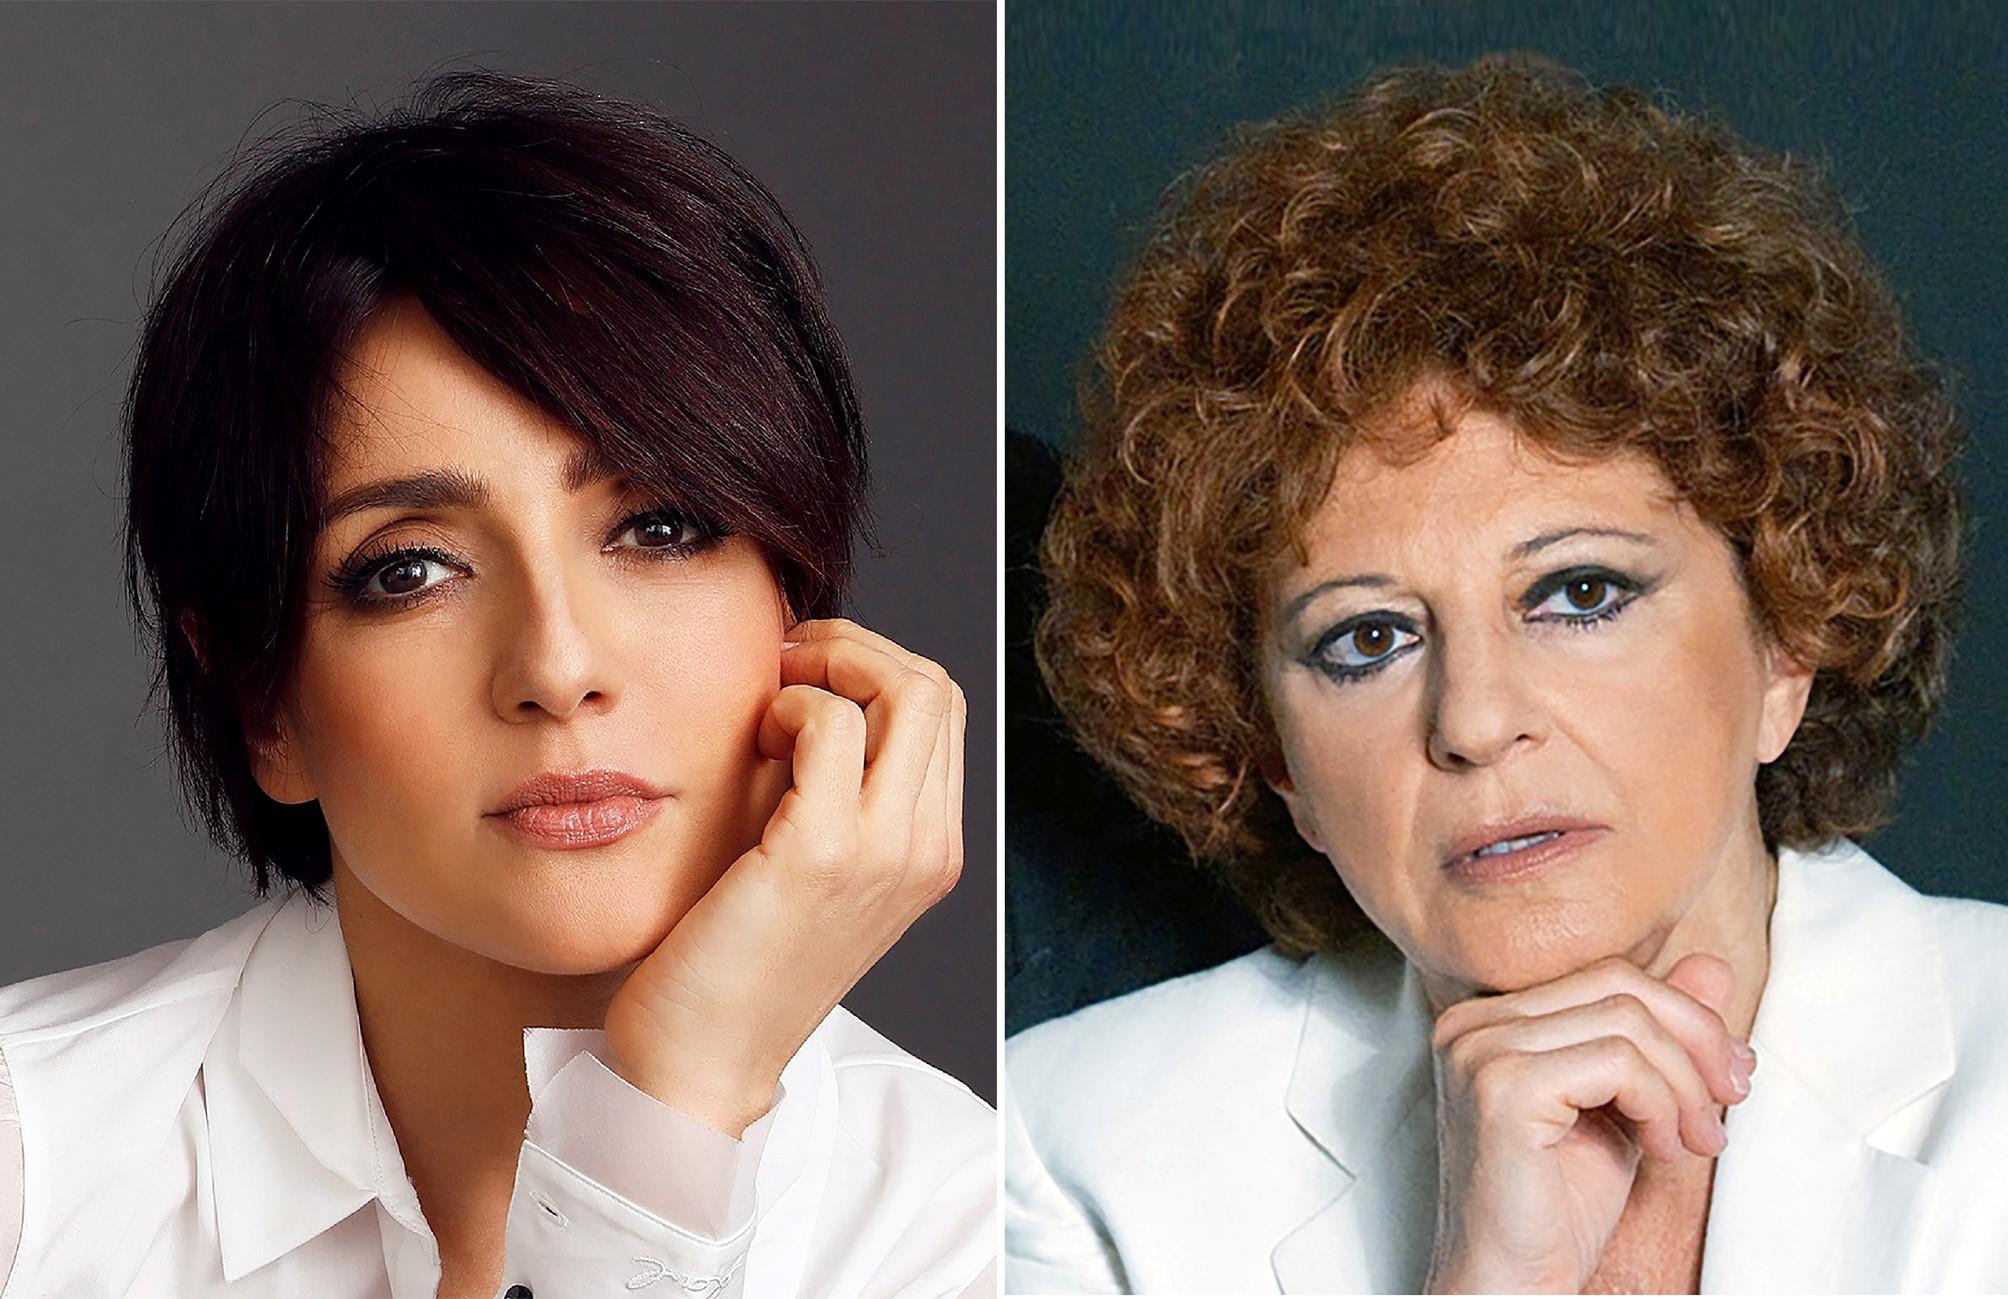 Ambra Angiolini e Ludovica Modugno